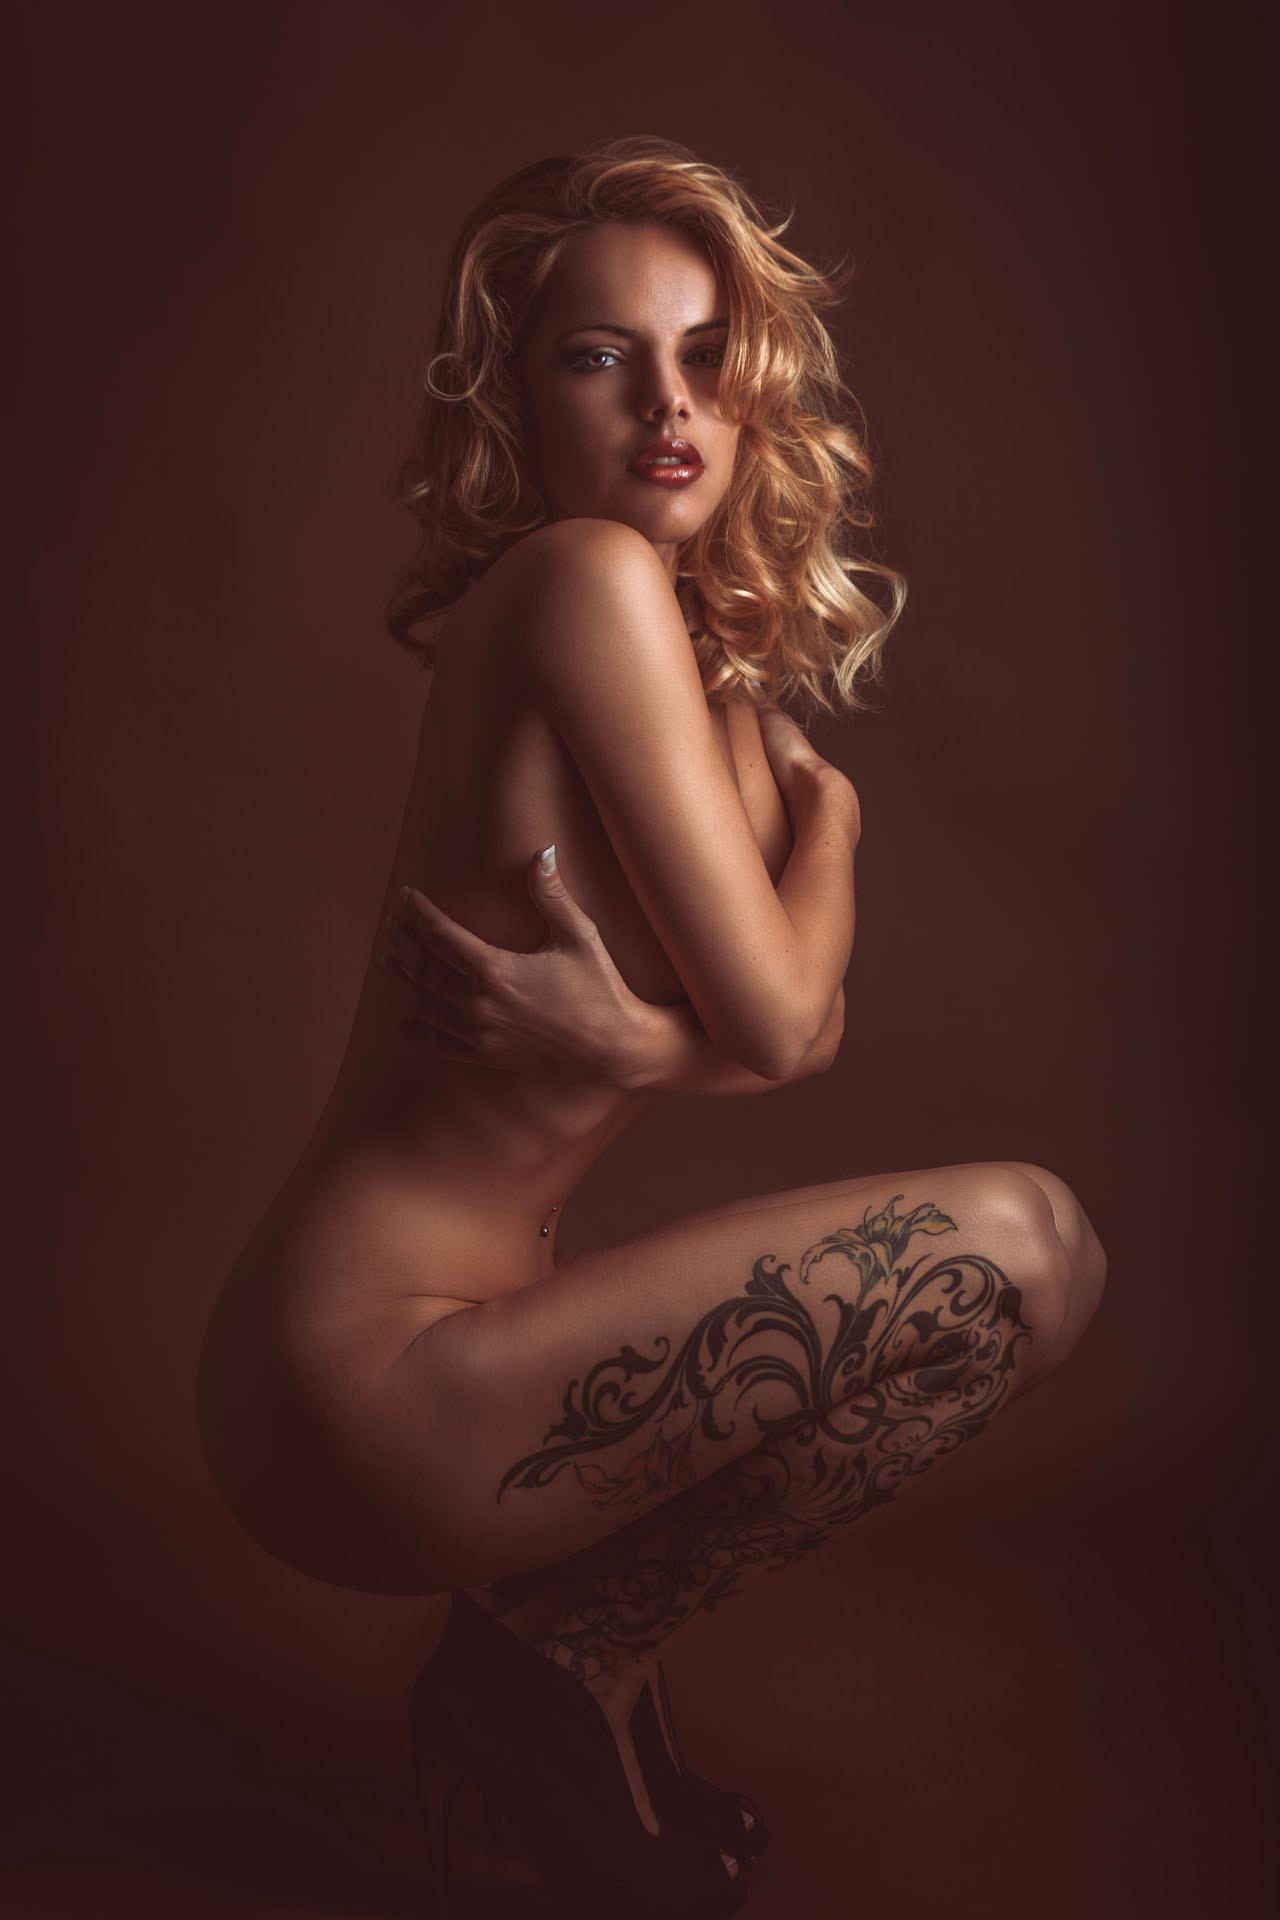 2013-11-18 - Florence - Studio Jouy - 3969 - 1920px